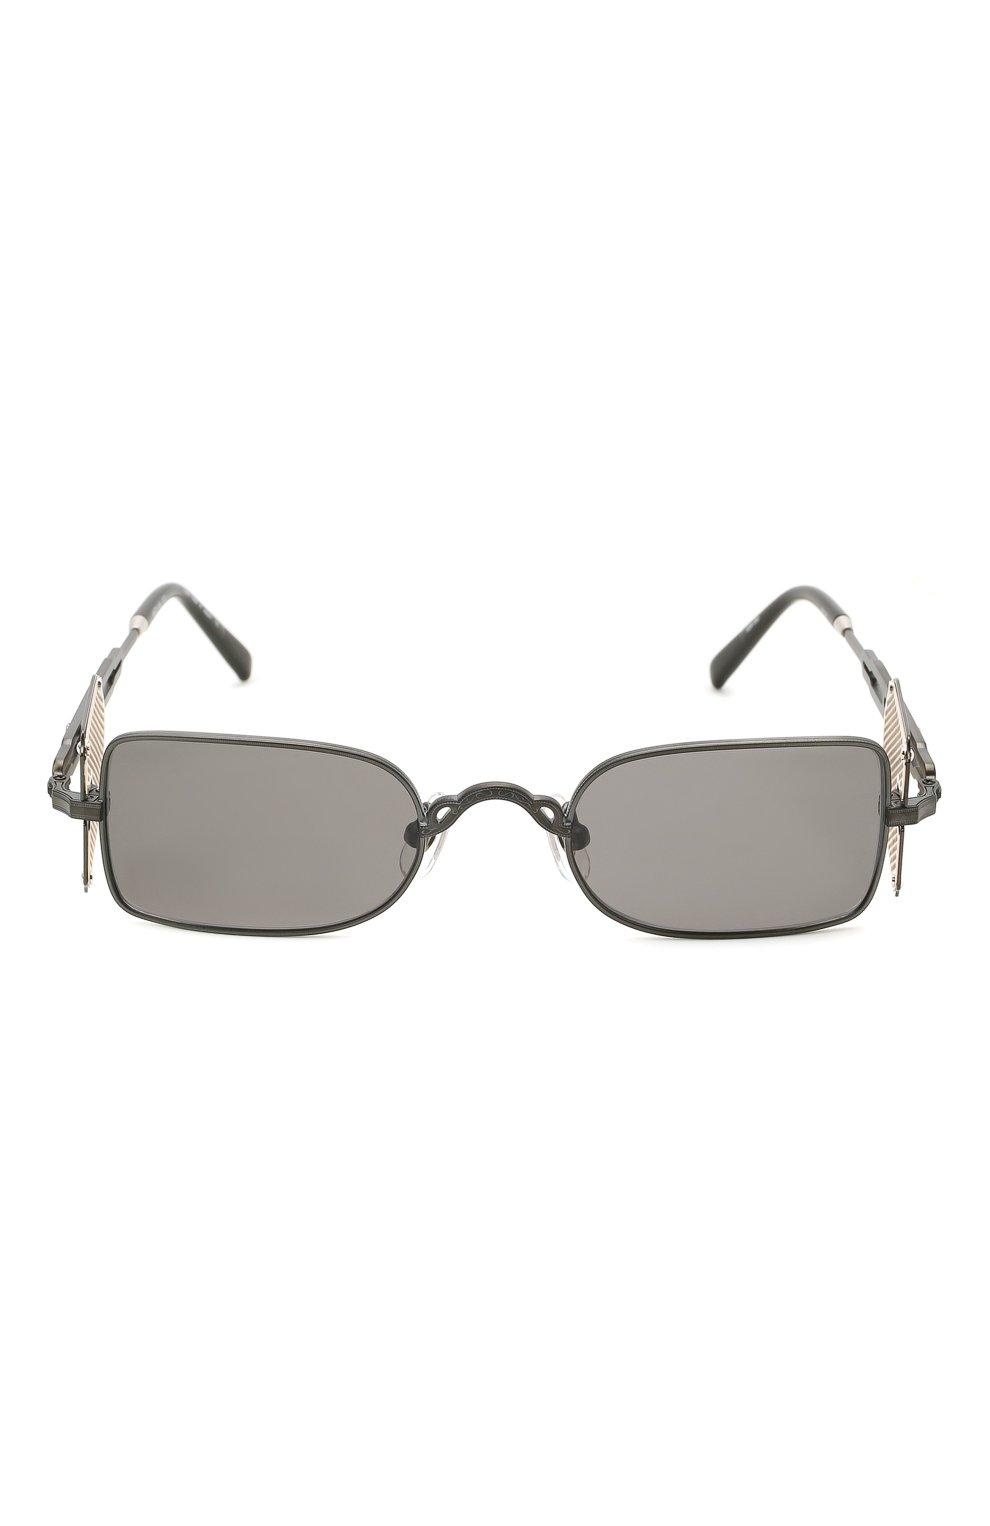 Женские солнцезащитные очки MATSUDA темно-серого цвета, арт. 10611H MBK-BG | Фото 4 (Тип очков: С/з; Очки форма: Овальные, Круглые; Оптика Гендер: оптика-унисекс)